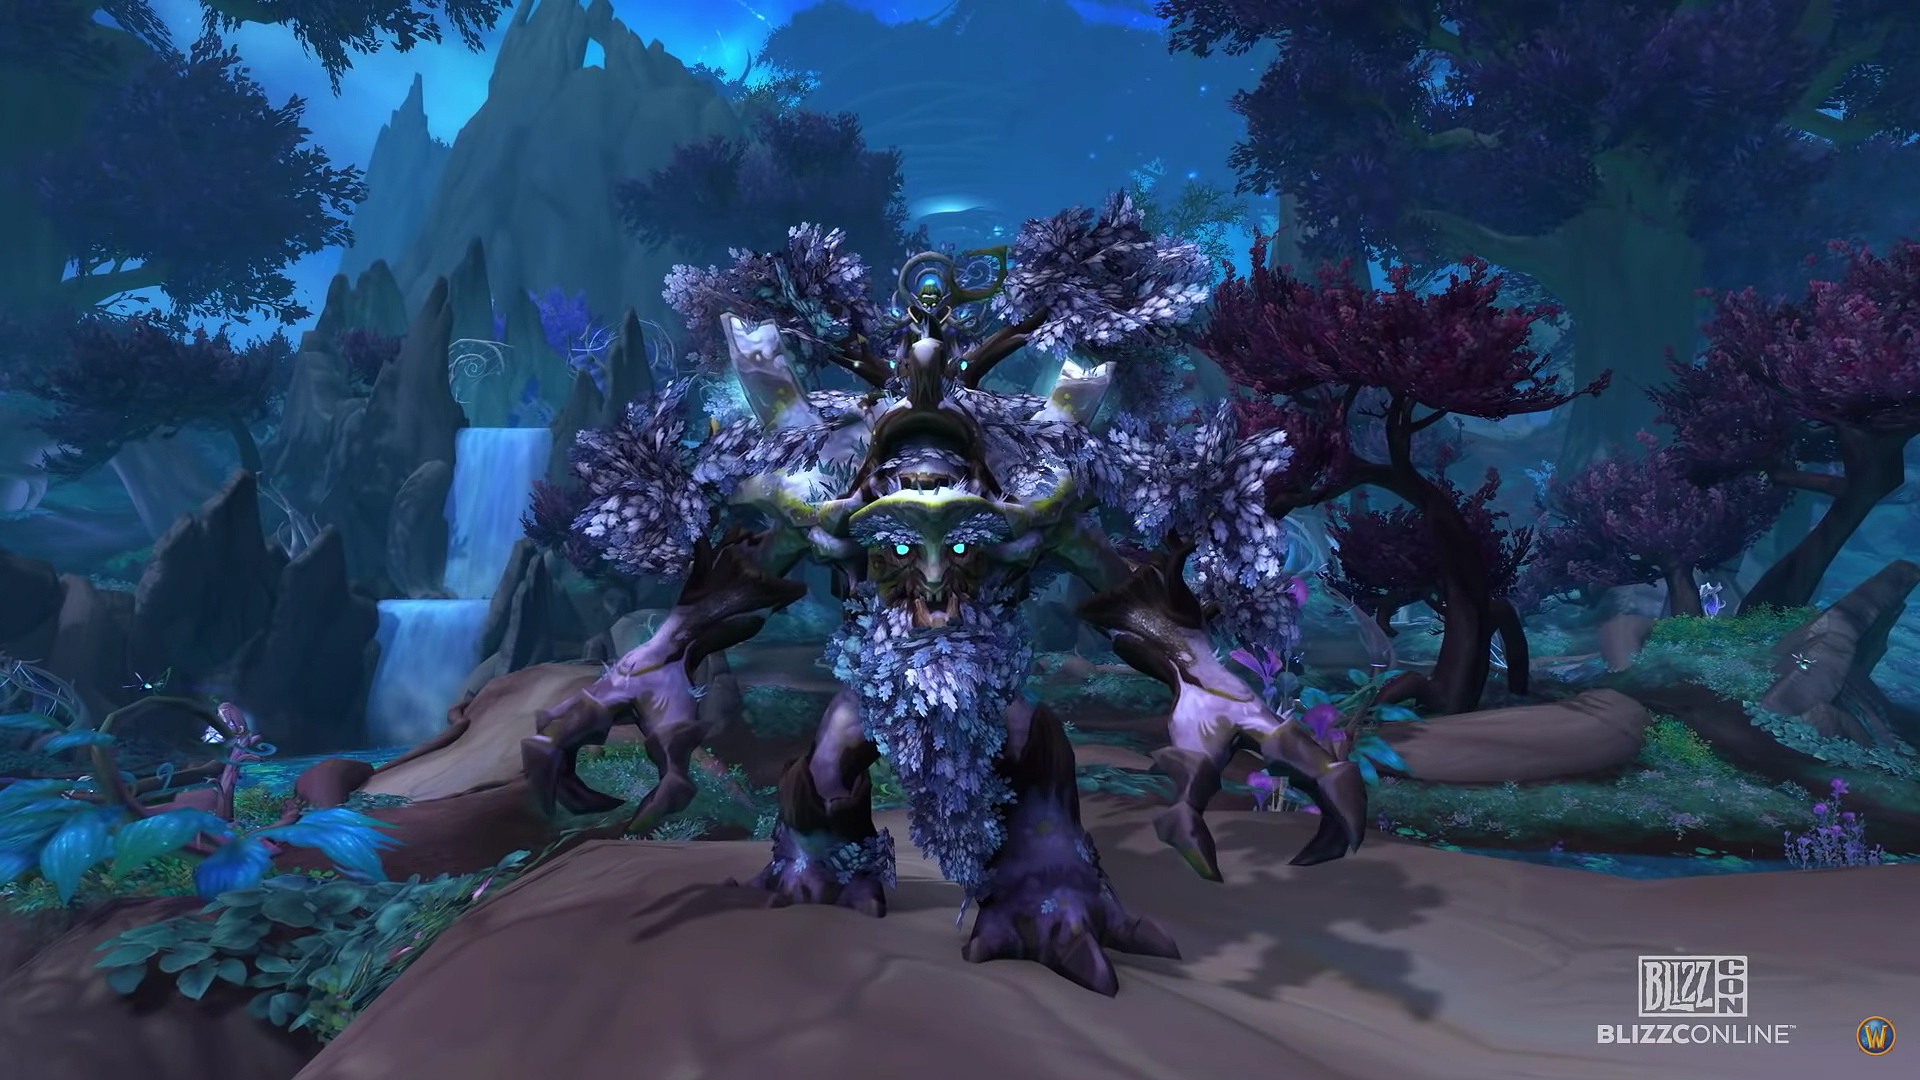 L'Ancien vagabond est une monture offerte aux joueurs ayant activé Shadowlands